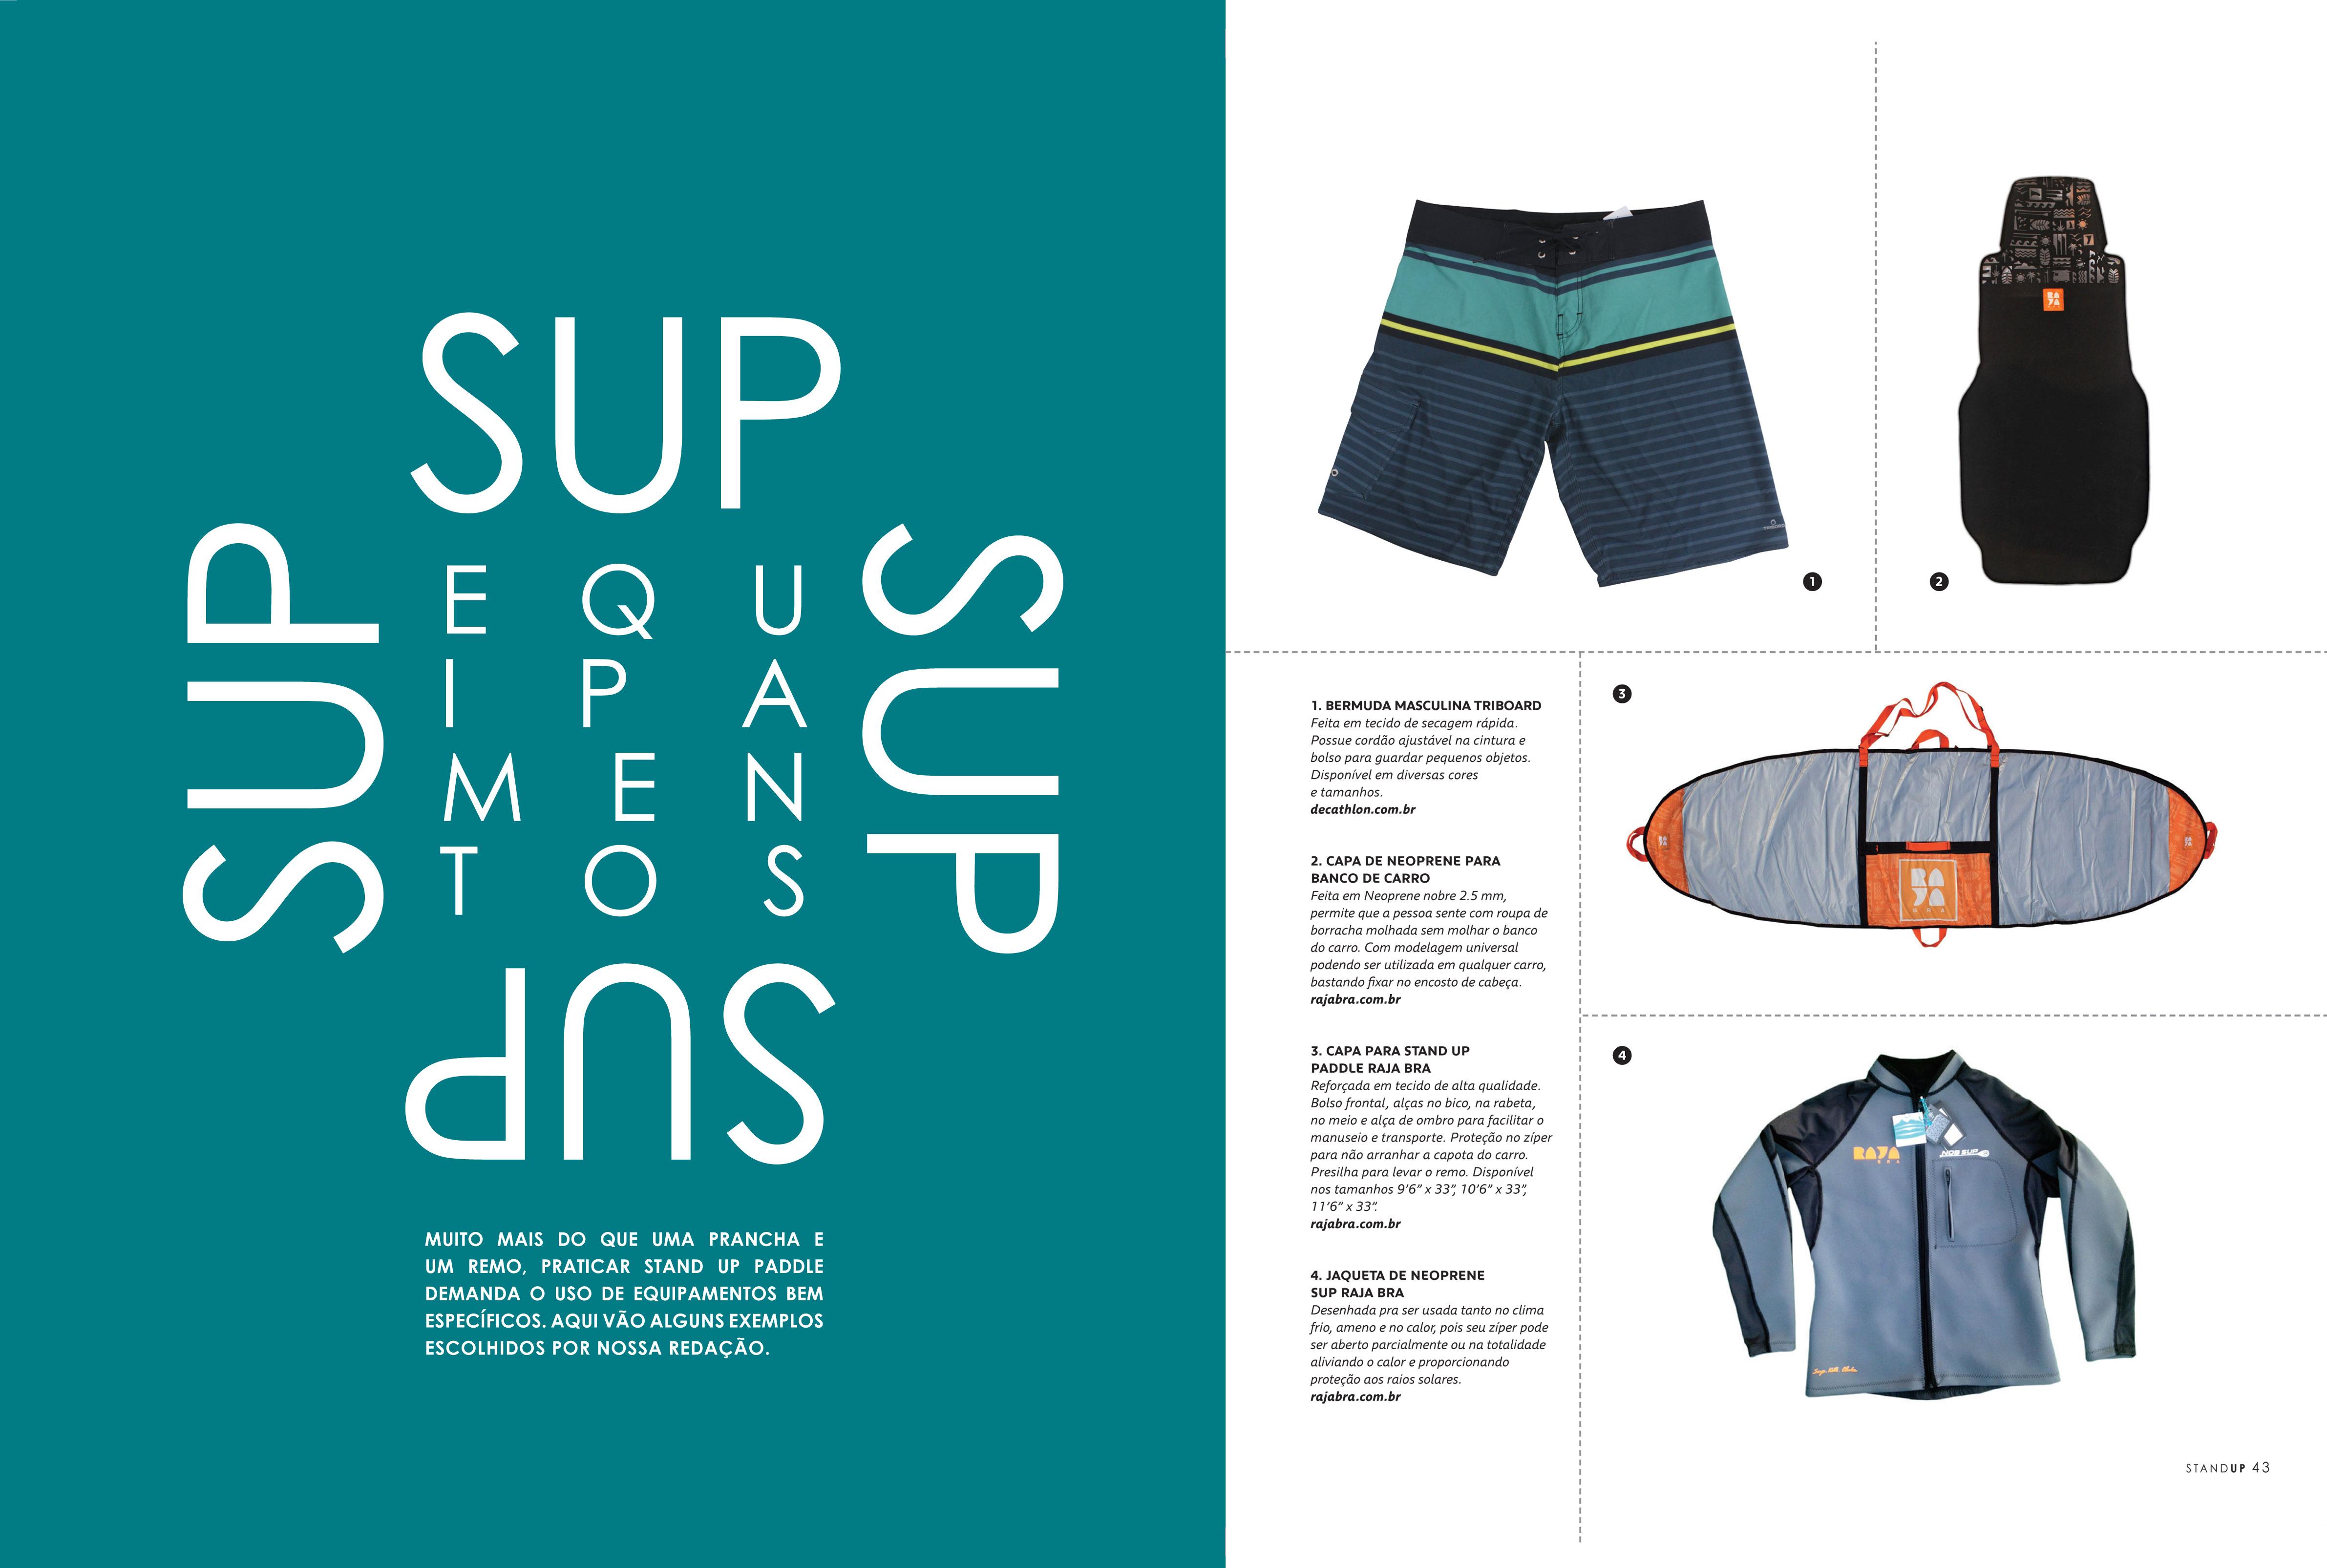 e513c01fd Revista Standup  18 nas bancas - Waves